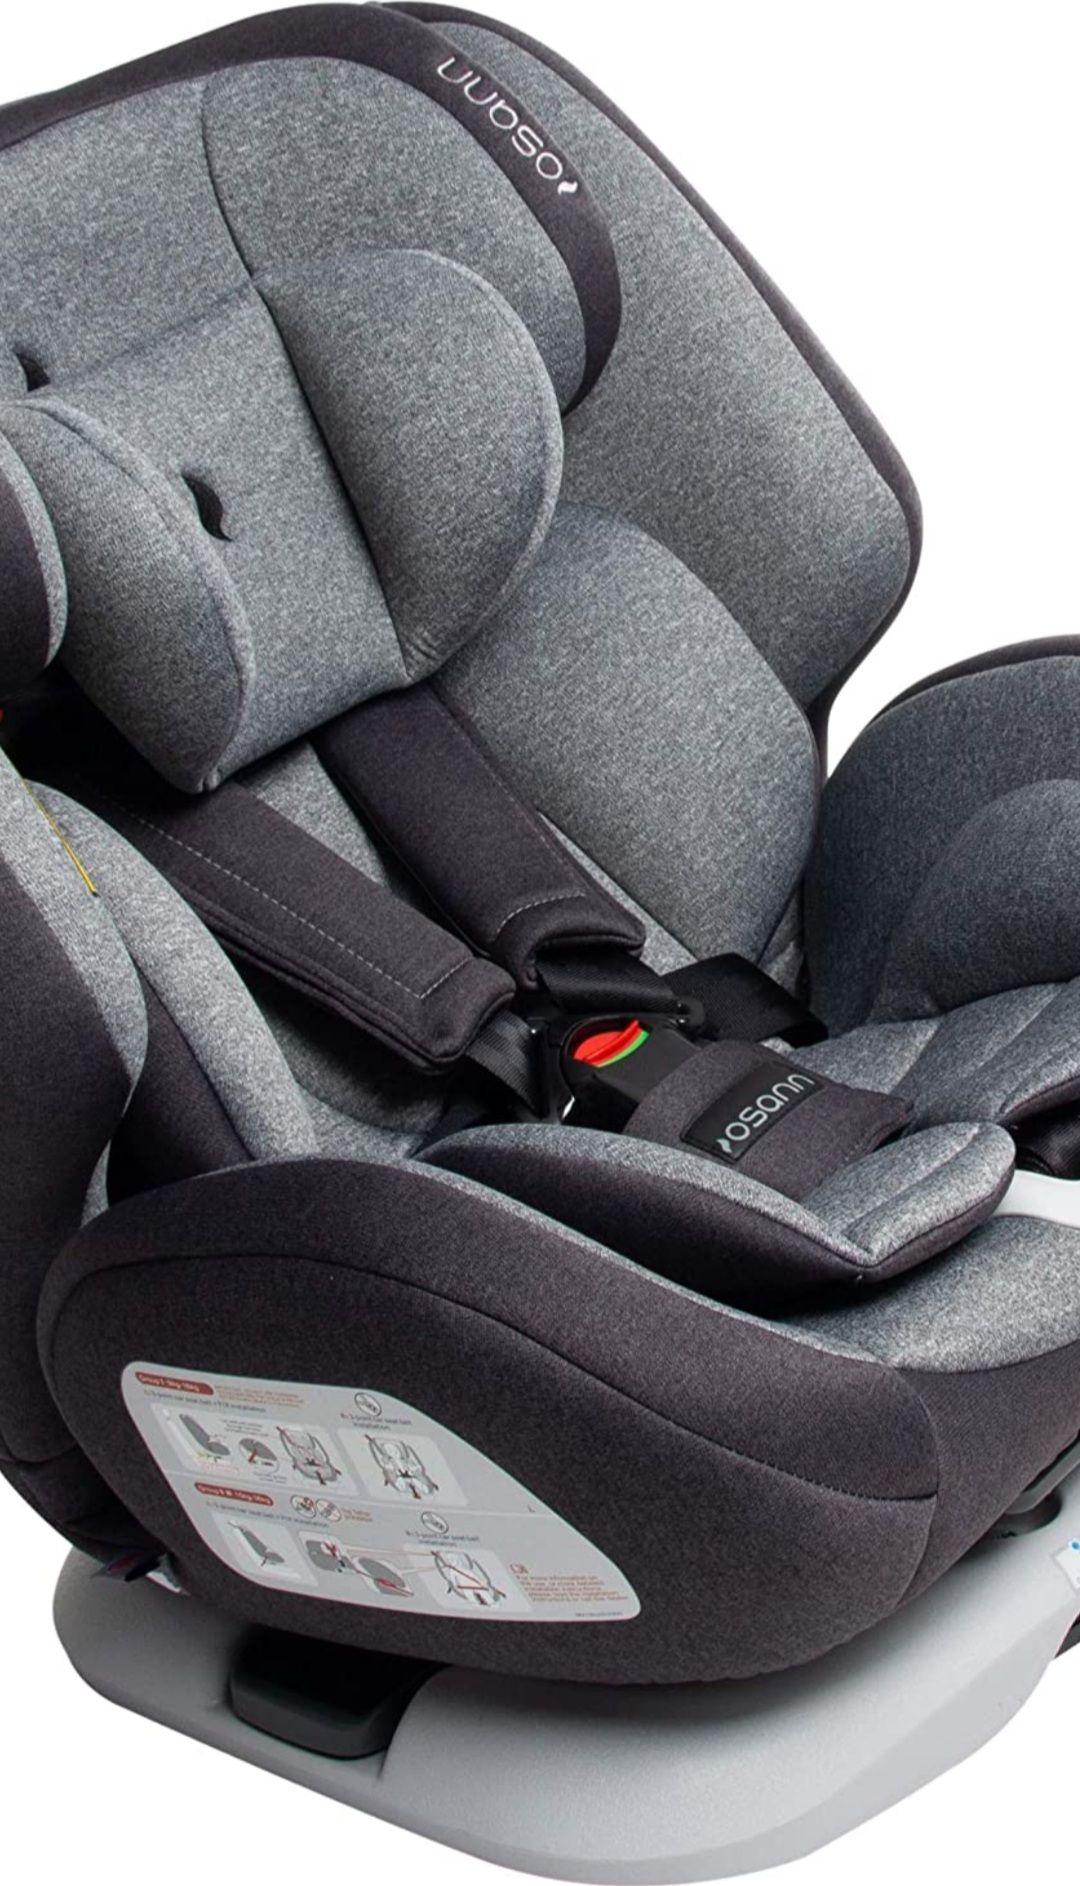 Osann Kindersitz One 360 mitwachsend, 360° drehbar Reboarder